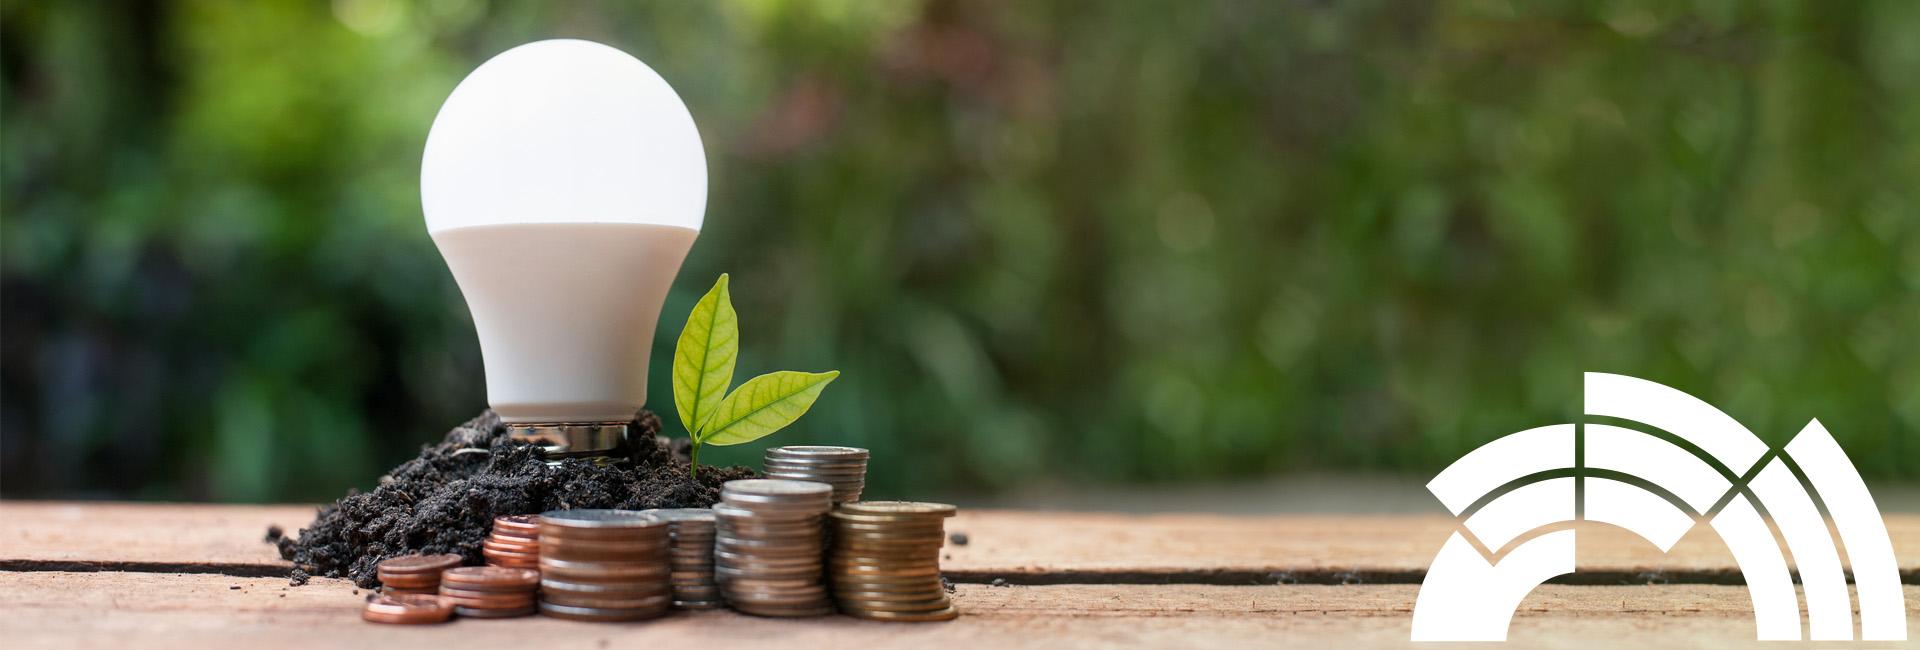 incentivi,contributo d'investimento,rimunerazioni uniche per impianti fotovoltaici,incentivo federale,incentivo cantonale